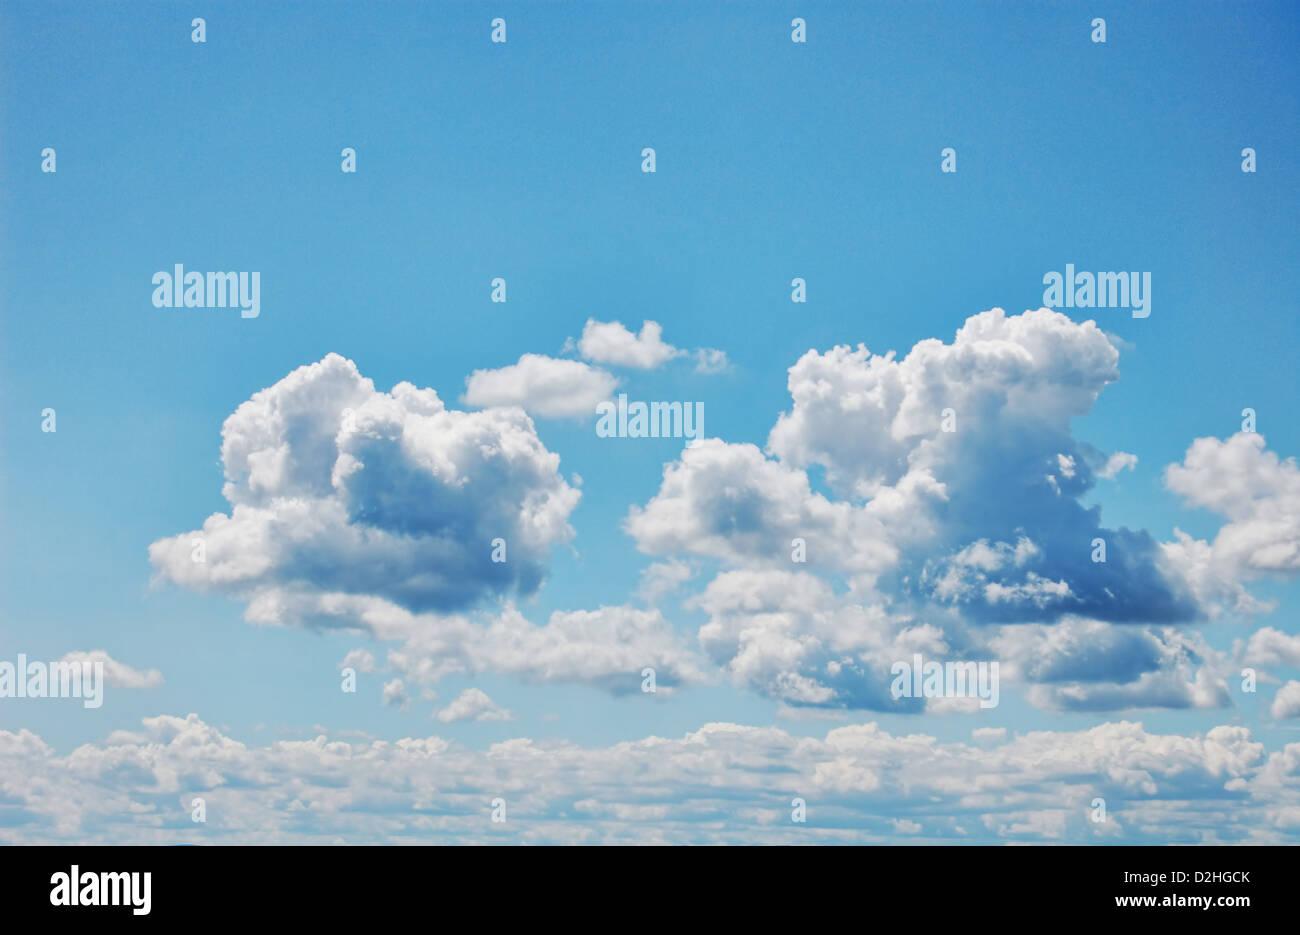 Blu cielo con soffici nuvole bianche. Grande formato. Immagine fotografica. Immagini Stock